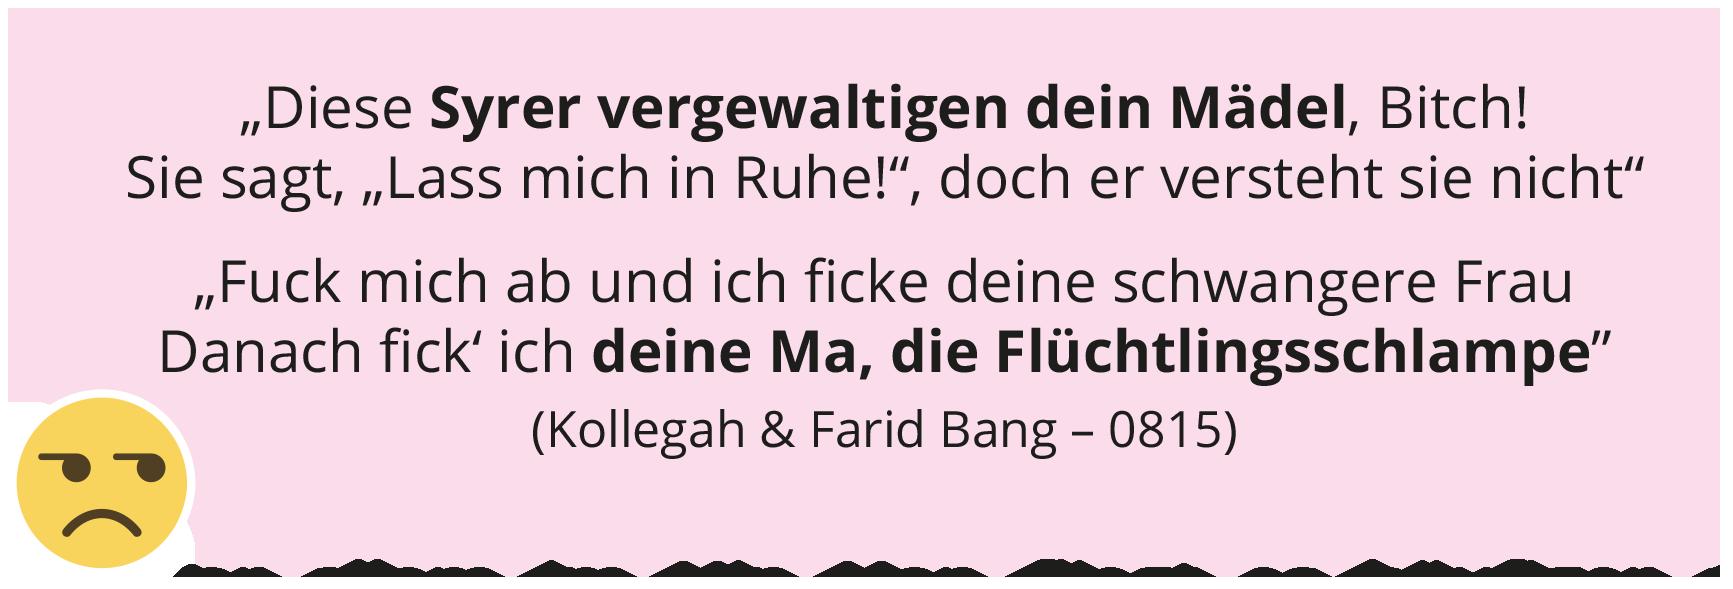 """""""Diese Syrer vergewaltigen dein Mädel, Bitch! Sie sagt, """"Lass mich in Ruhe!"""", doch er versteht sie nicht"""" """"Fuck mich ab und ich fi cke deine schwangere Frau Danach fi ck' ich deine Ma, die Flüchtlingsschlampe"""" (Kollegah & Farid Bang – 0815)"""